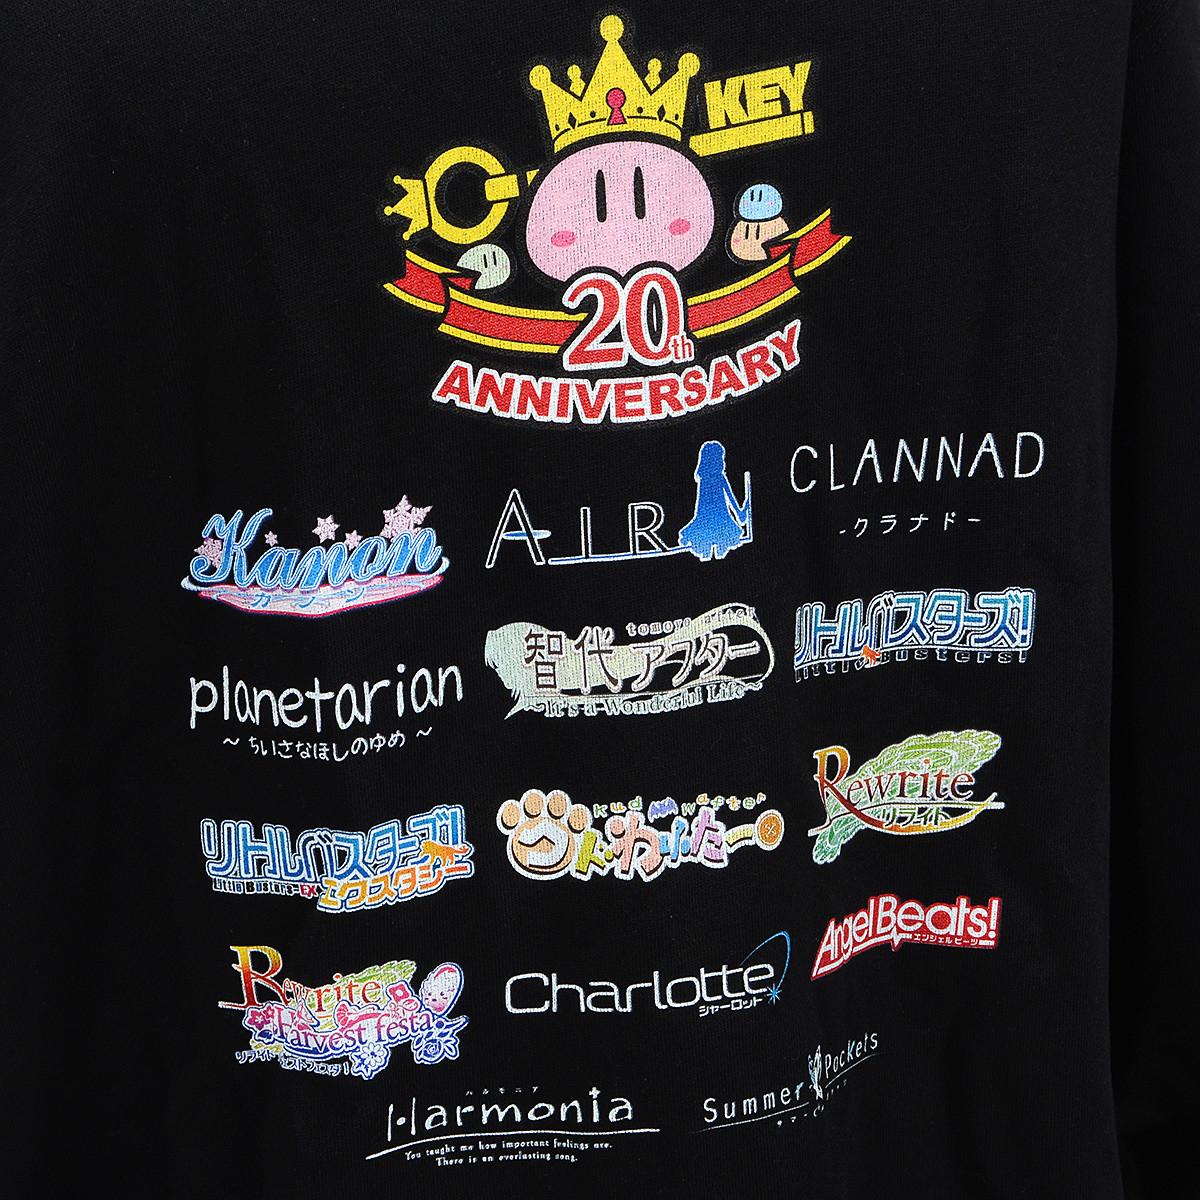 Key 20th Anniversary デザインパーカー